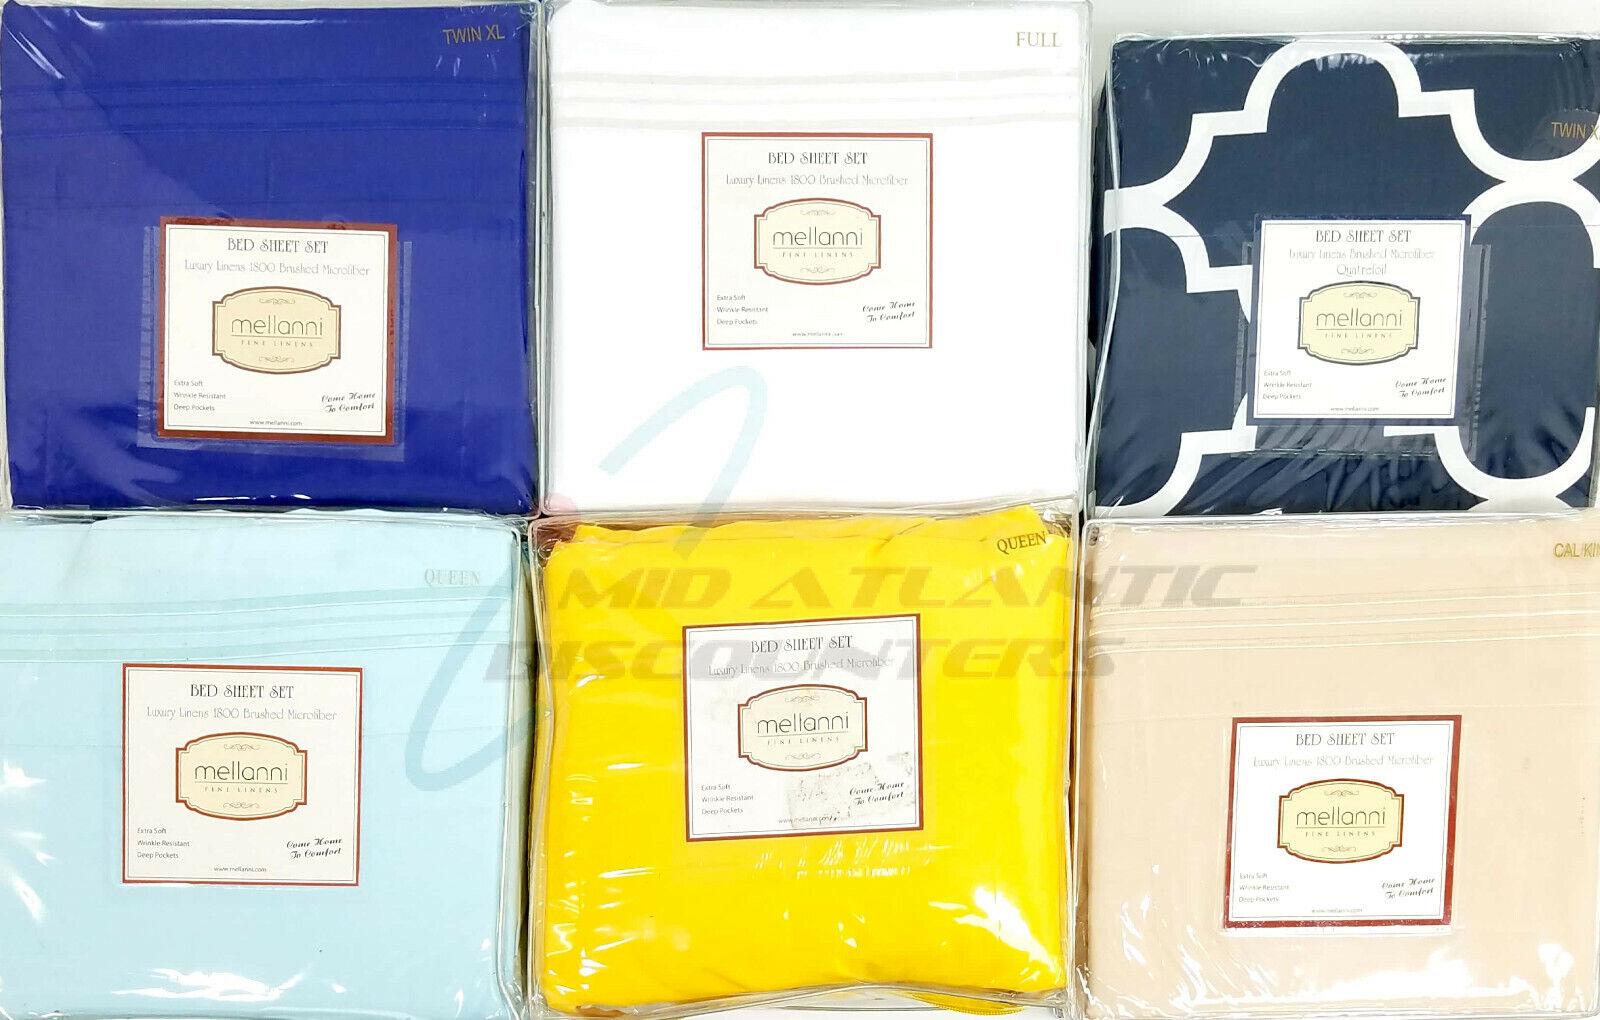 Mellanni 1800 Bed Sheet Set 100% Brushed Microfiber Wrinkle